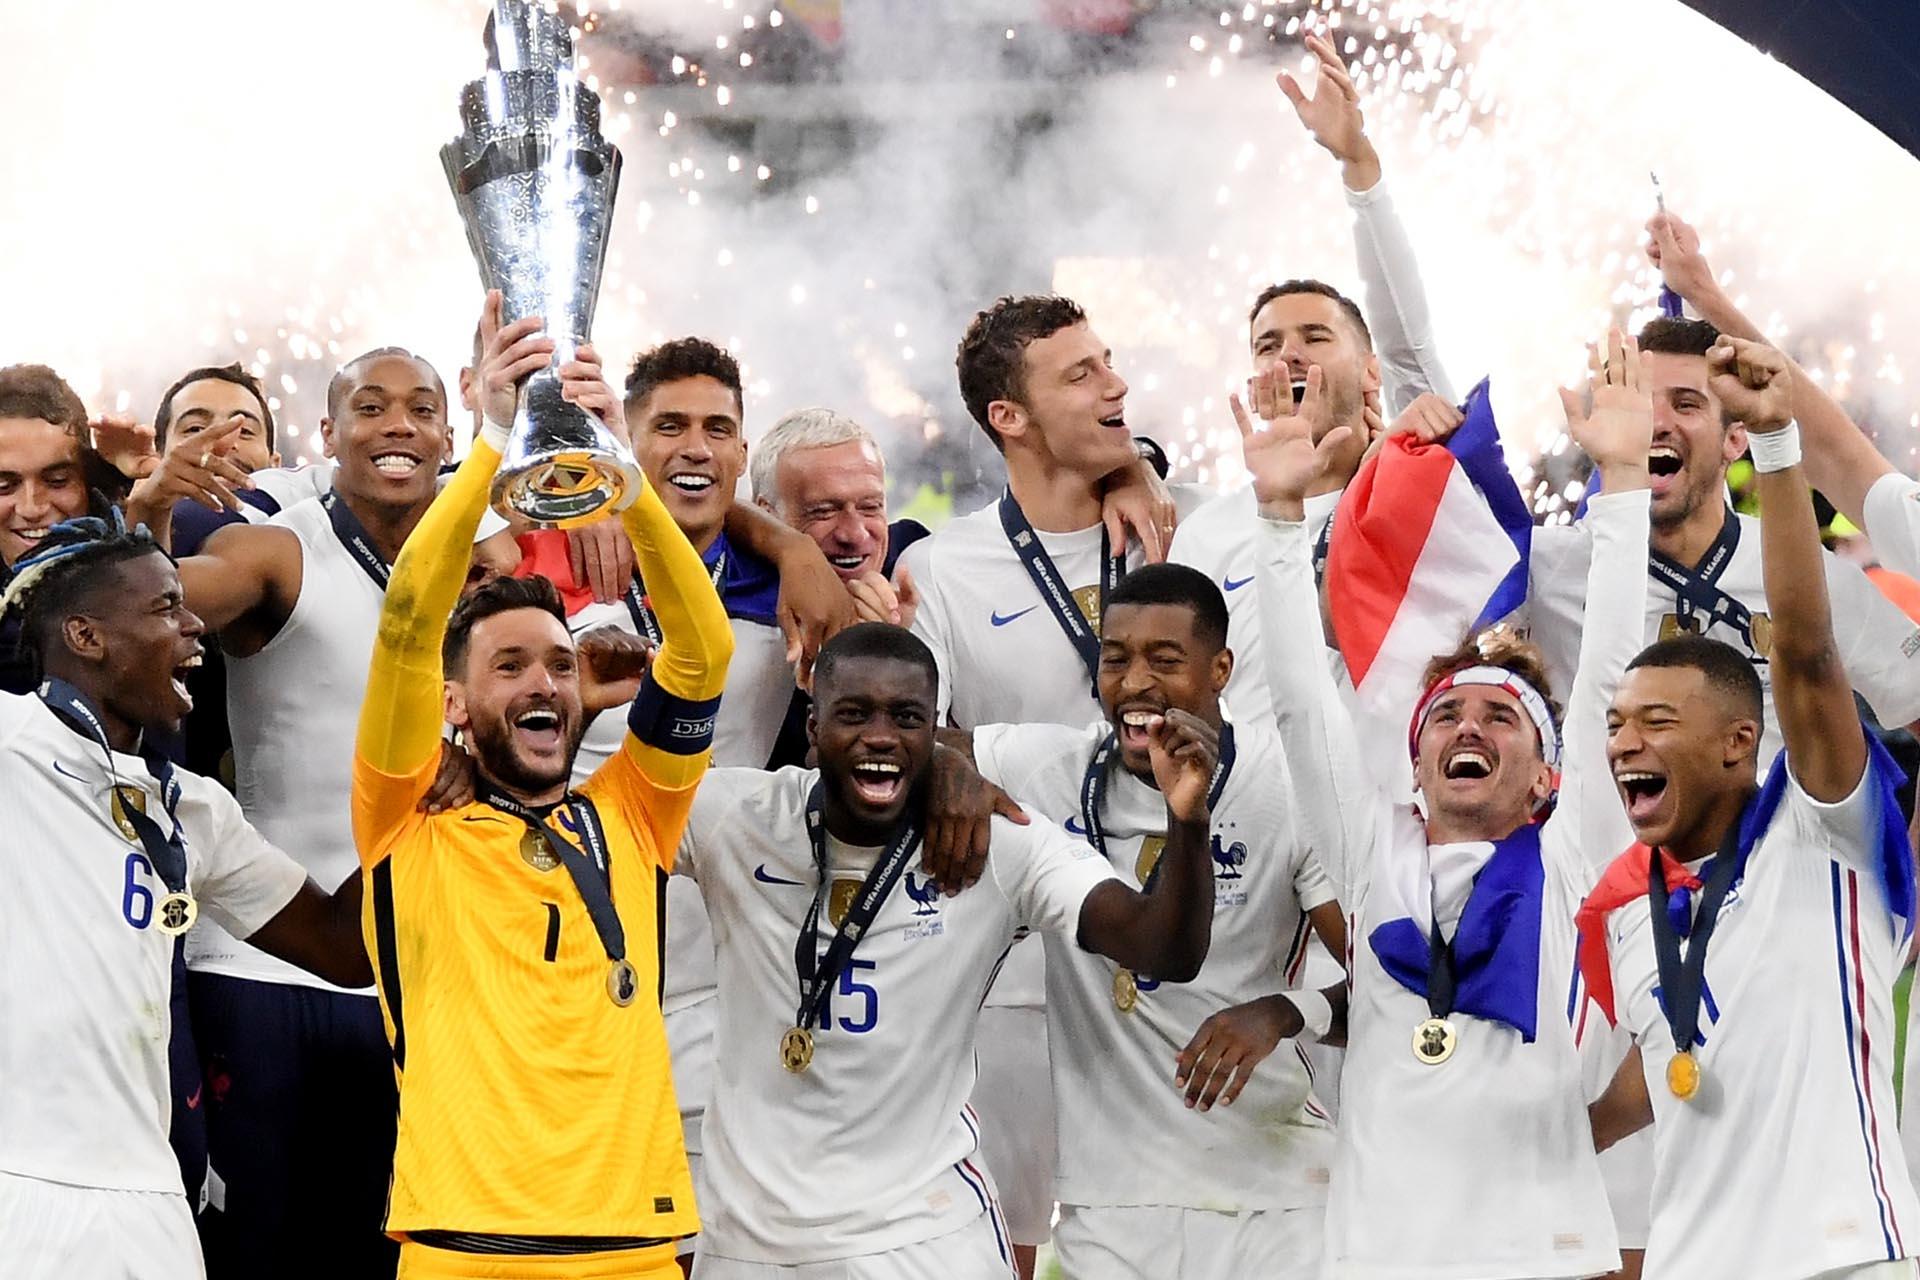 Đội tuyển Pháp giành ngôi vô địch UEFA Nations League